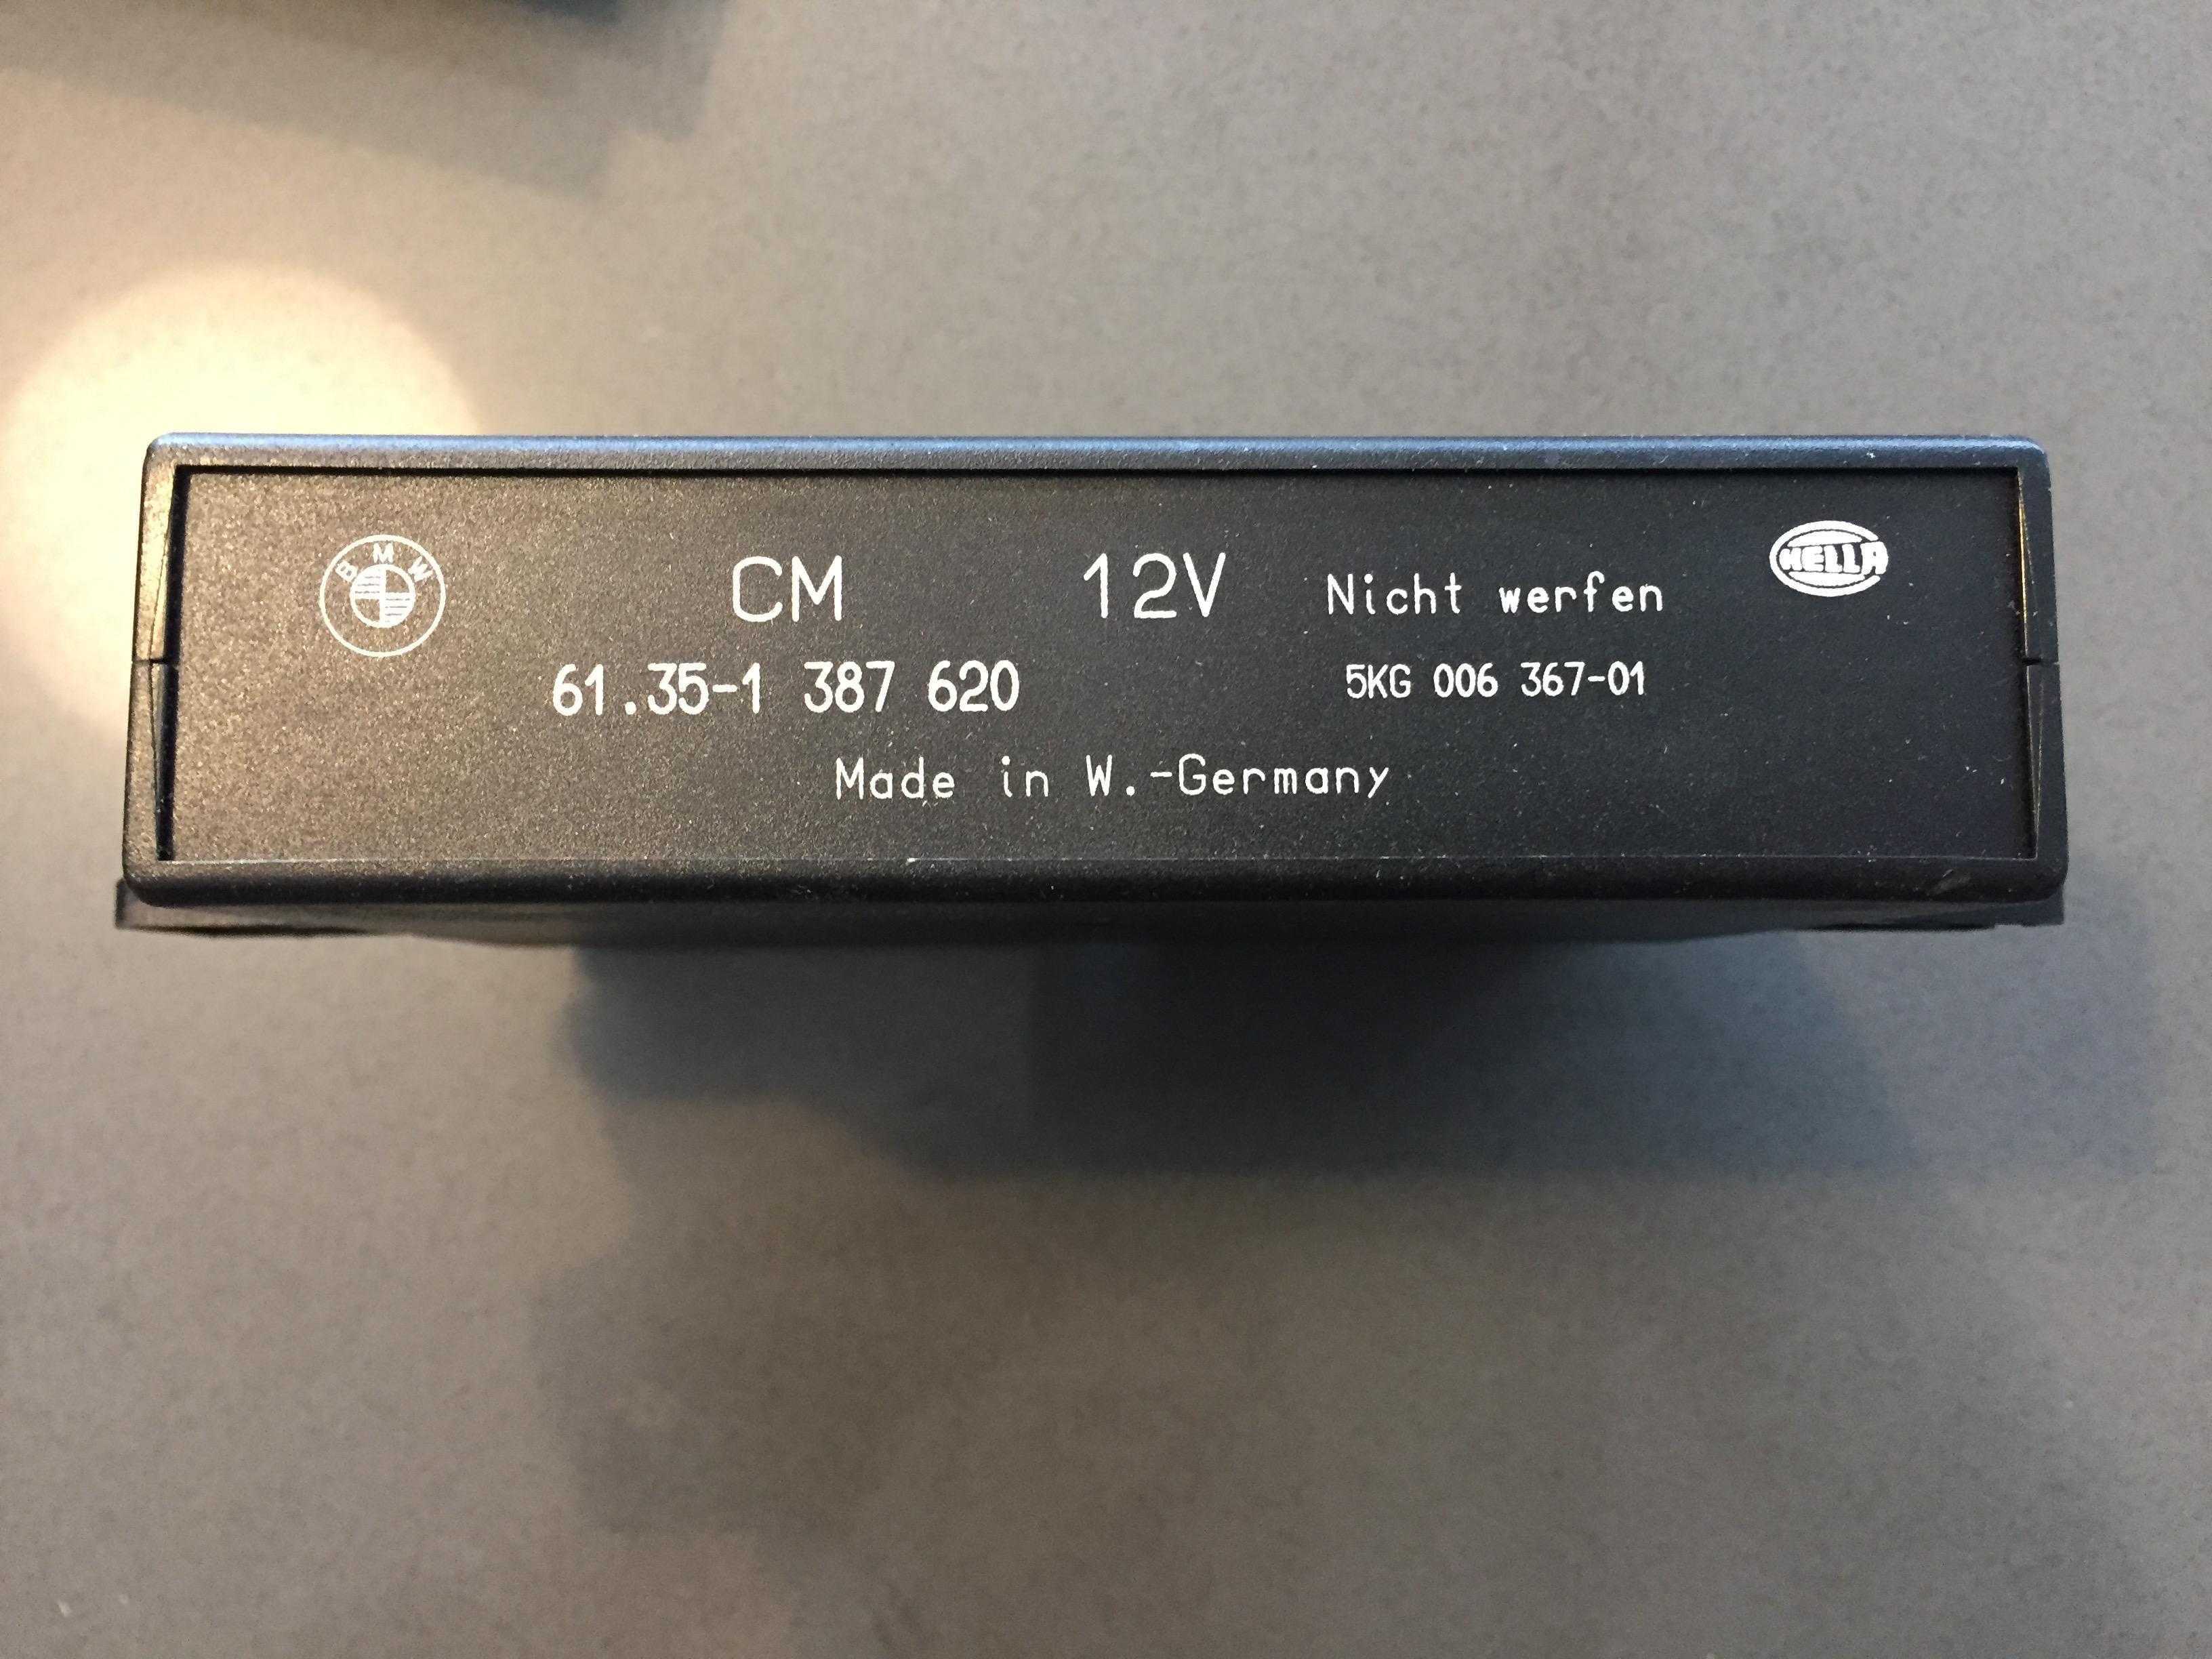 BMW E36 92 99 Check Control Module 6135 1 387 620